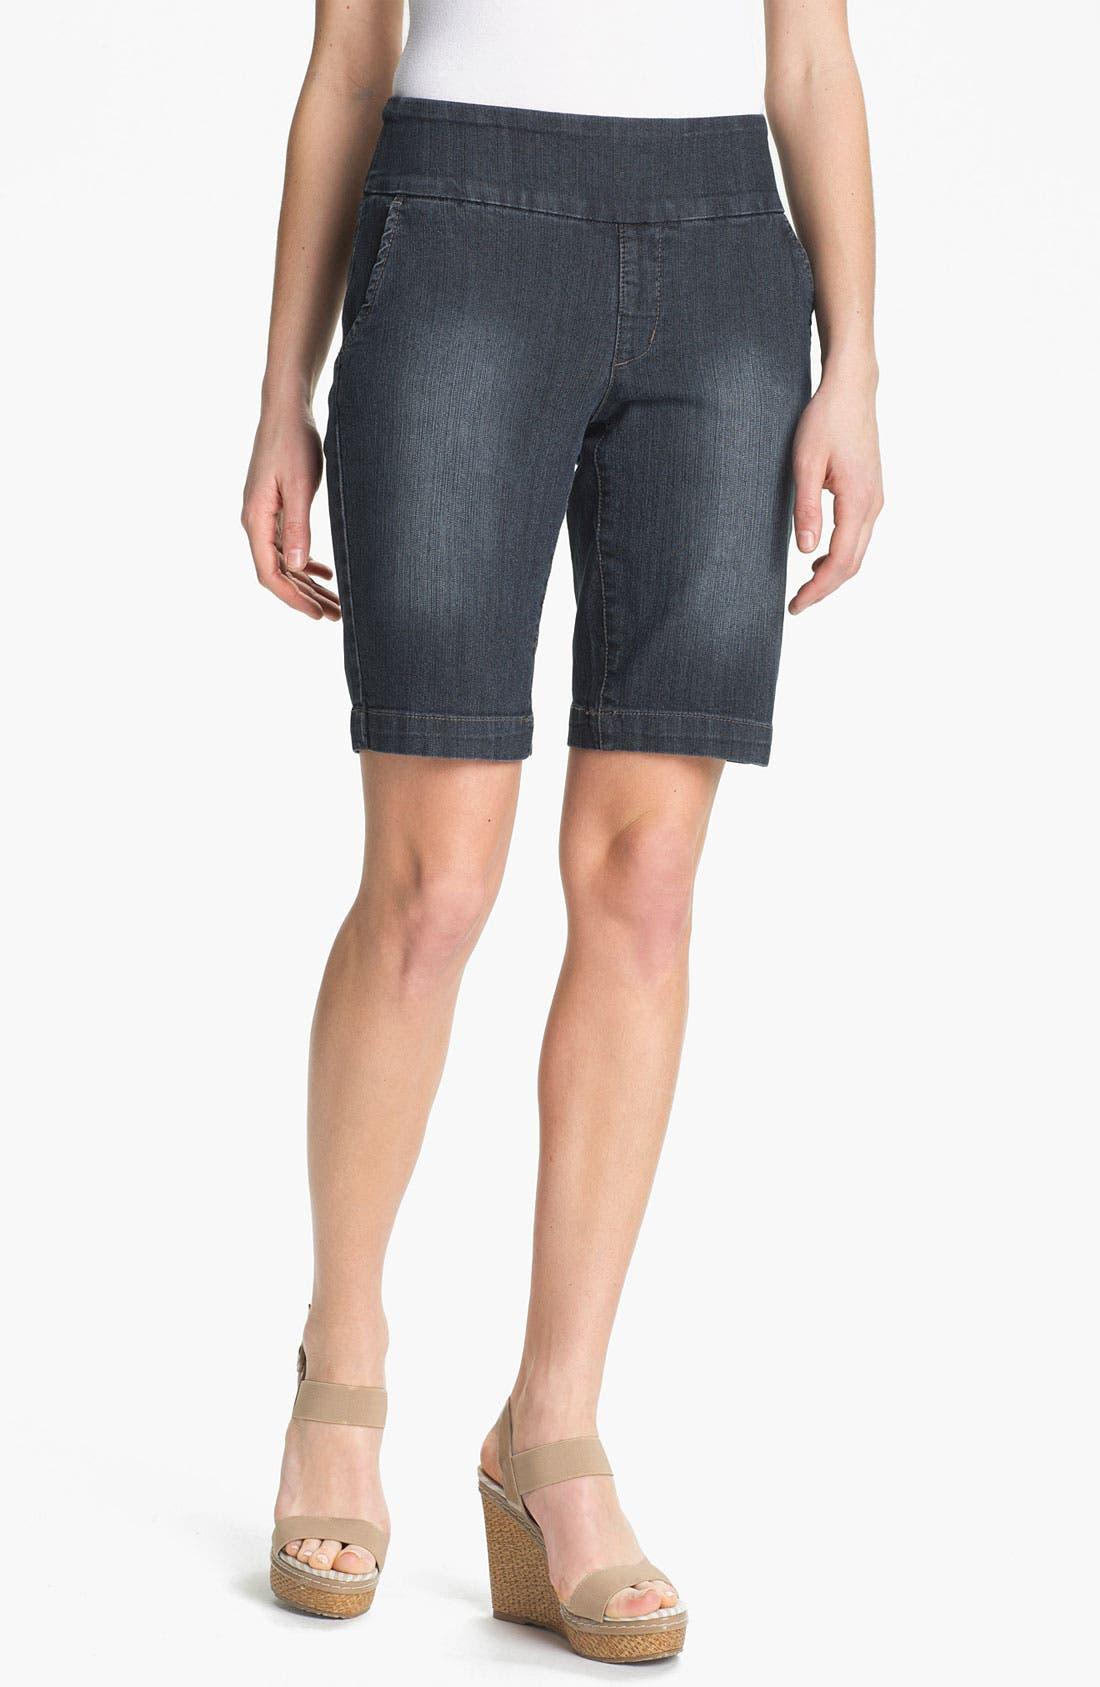 Alternate Image 1 Selected - Jag Jeans 'Louie' Bermuda Shorts (Regular)